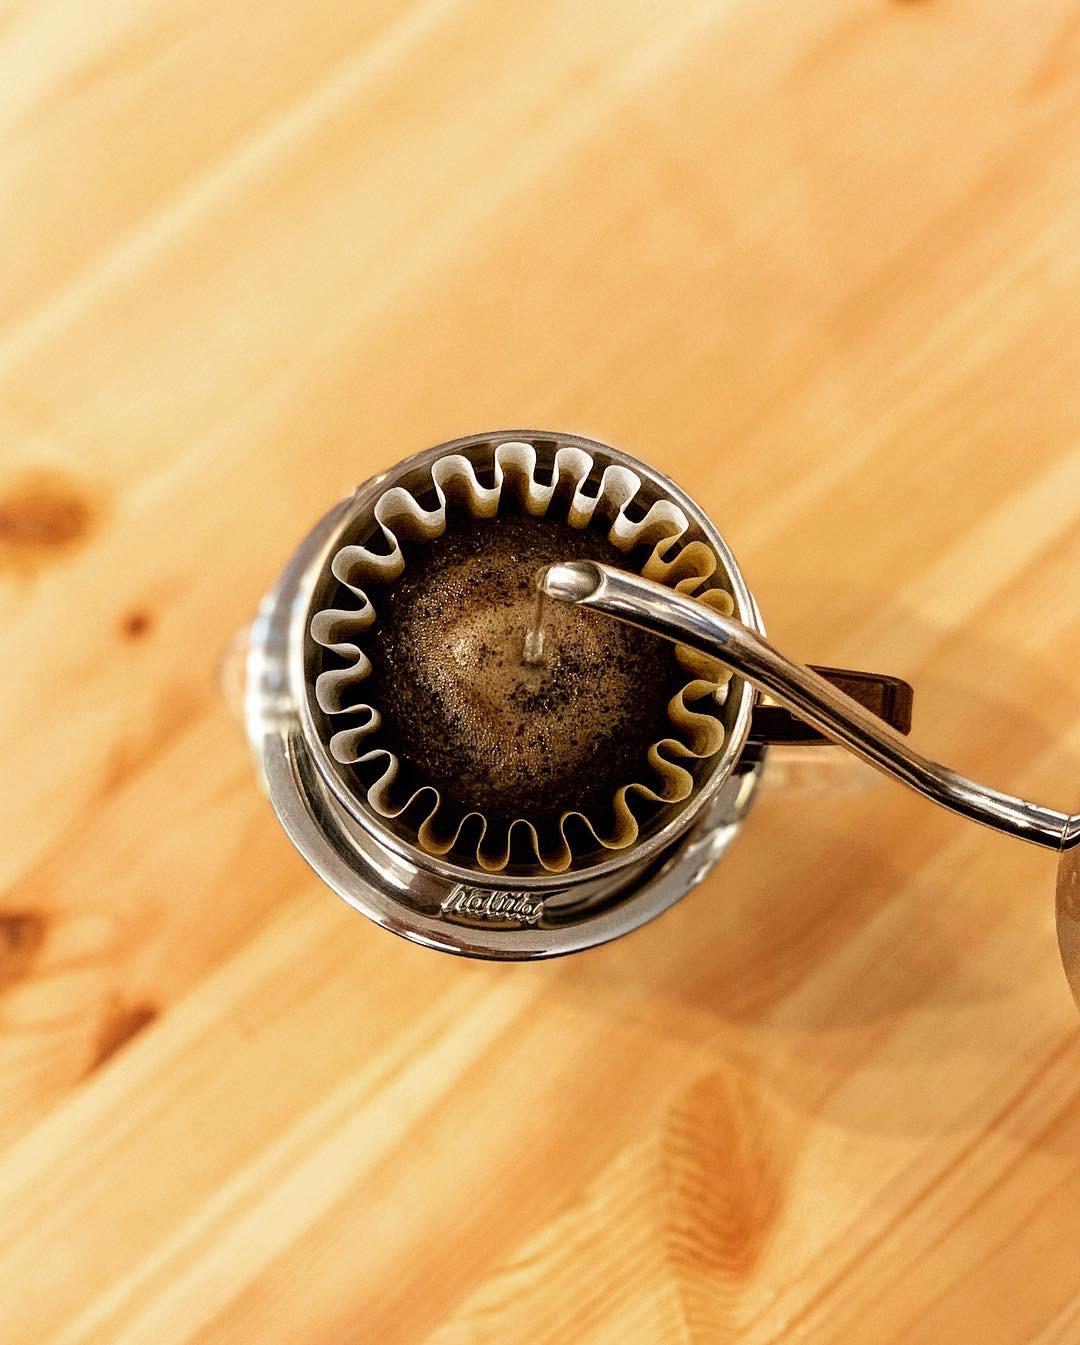 【💡年末年始の営業日のご案内】ゆったりおうちコーヒーを楽しみましょう☕️✨